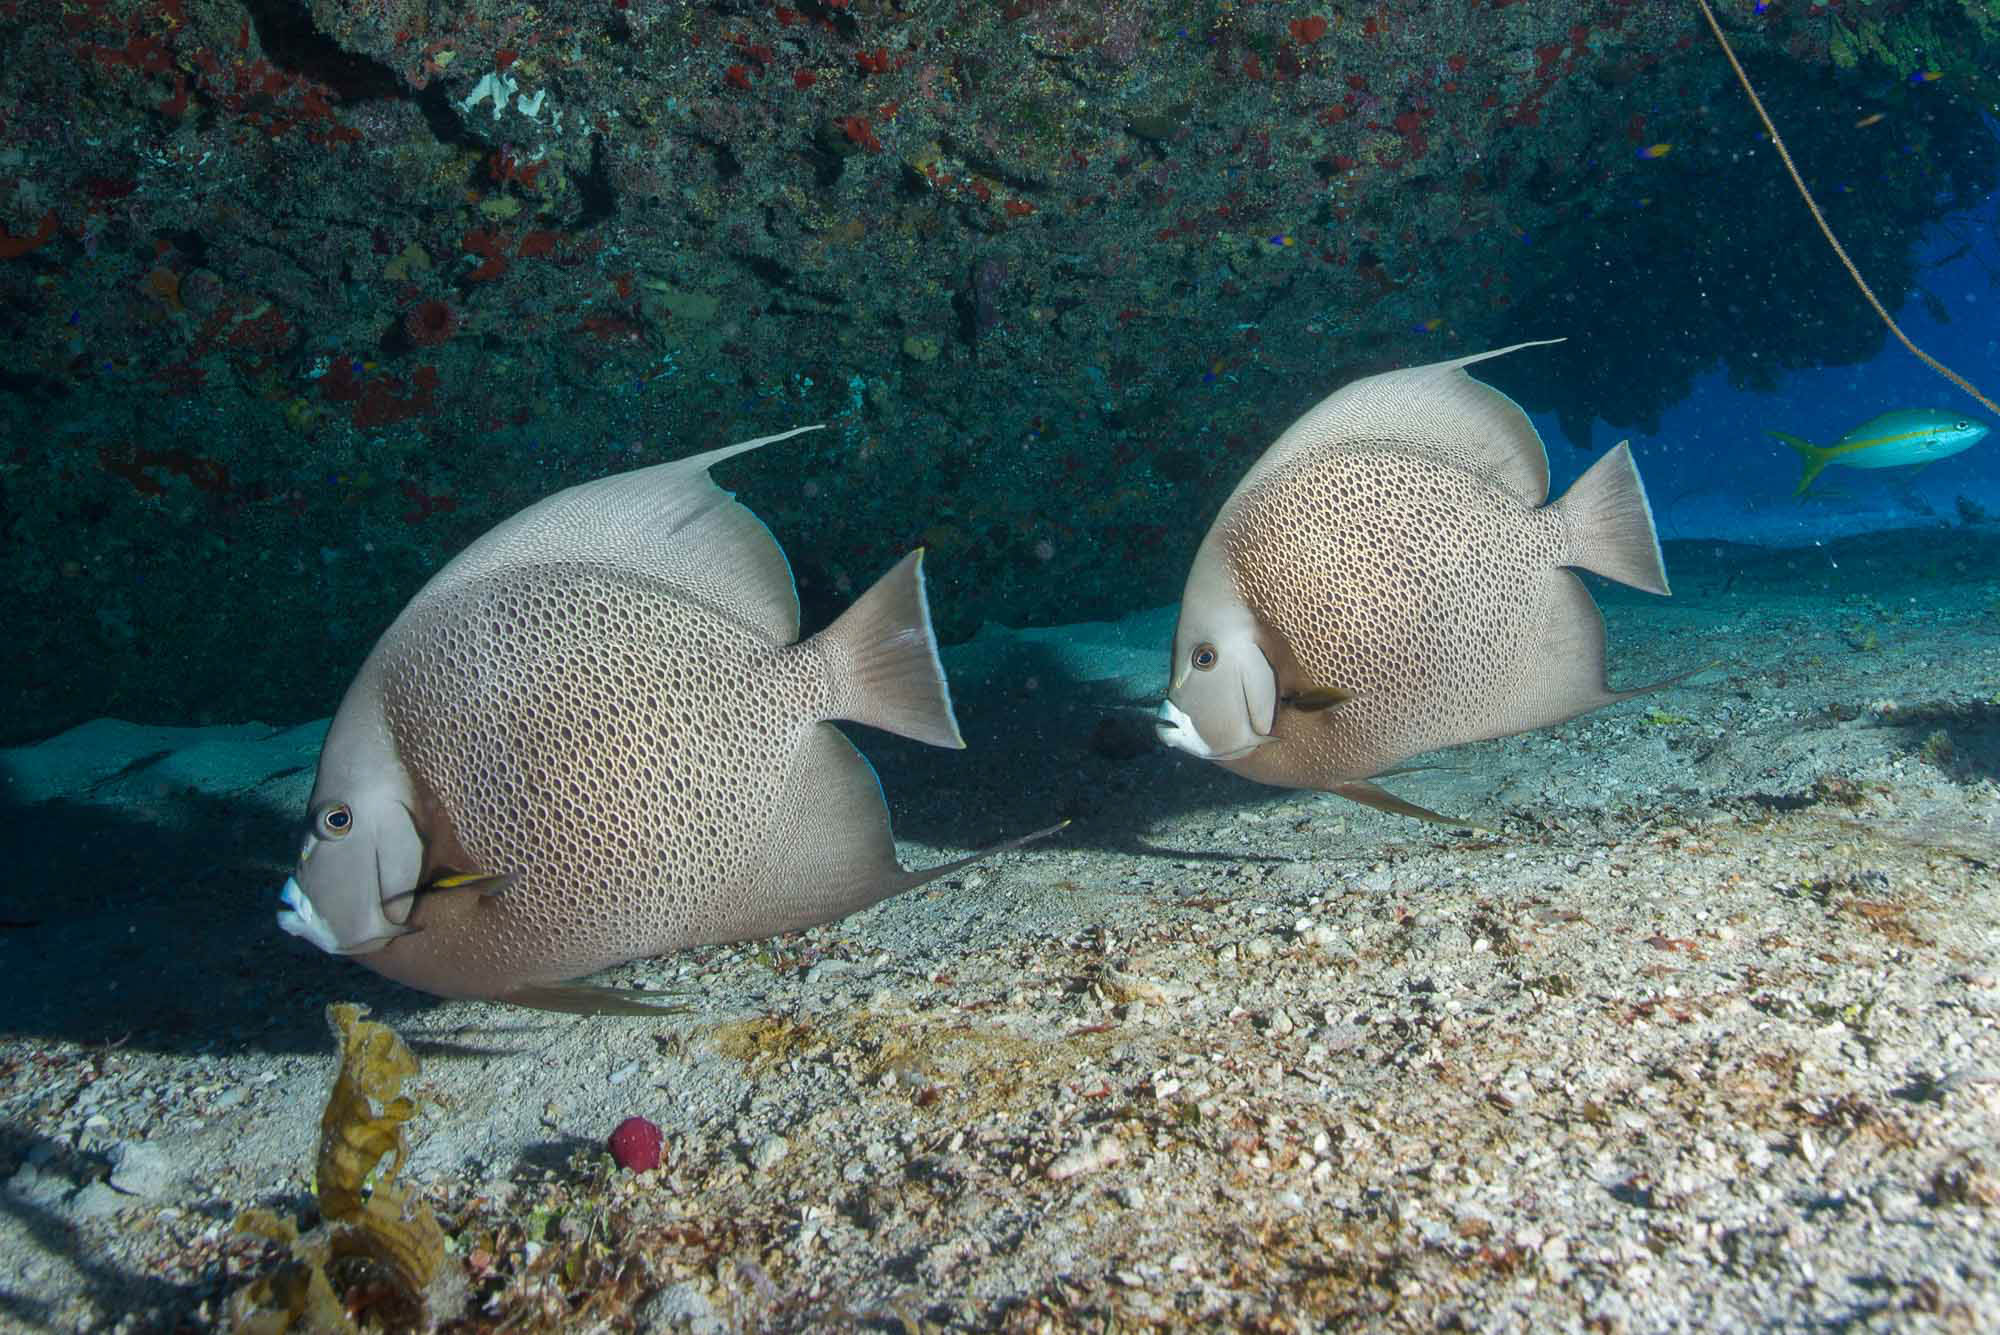 angelfish, Jardines De La Reina credit: DAVID GROSS / CORAL REEF IMAGE BANK